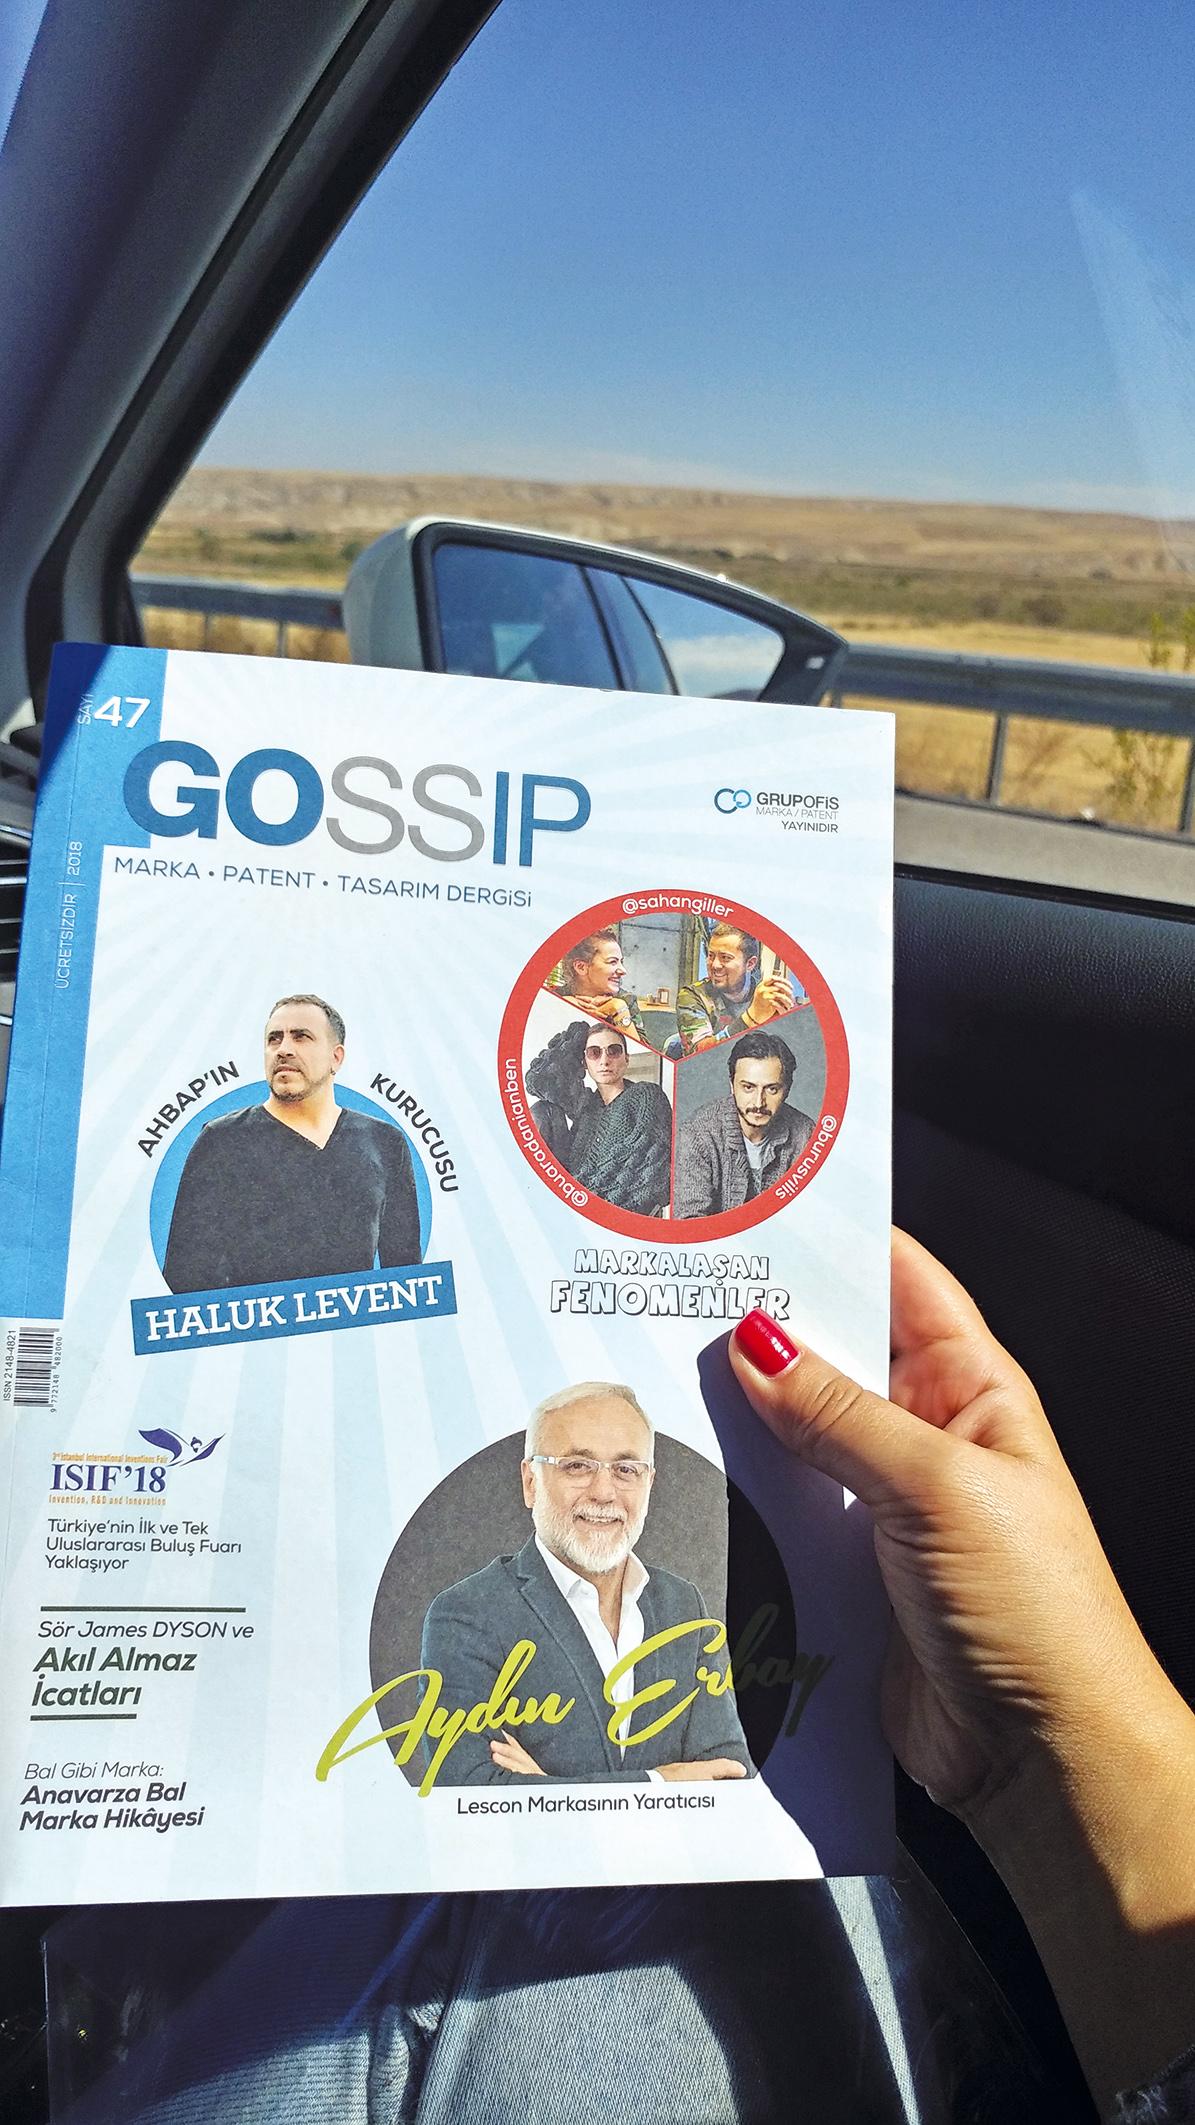 #gossipnerede